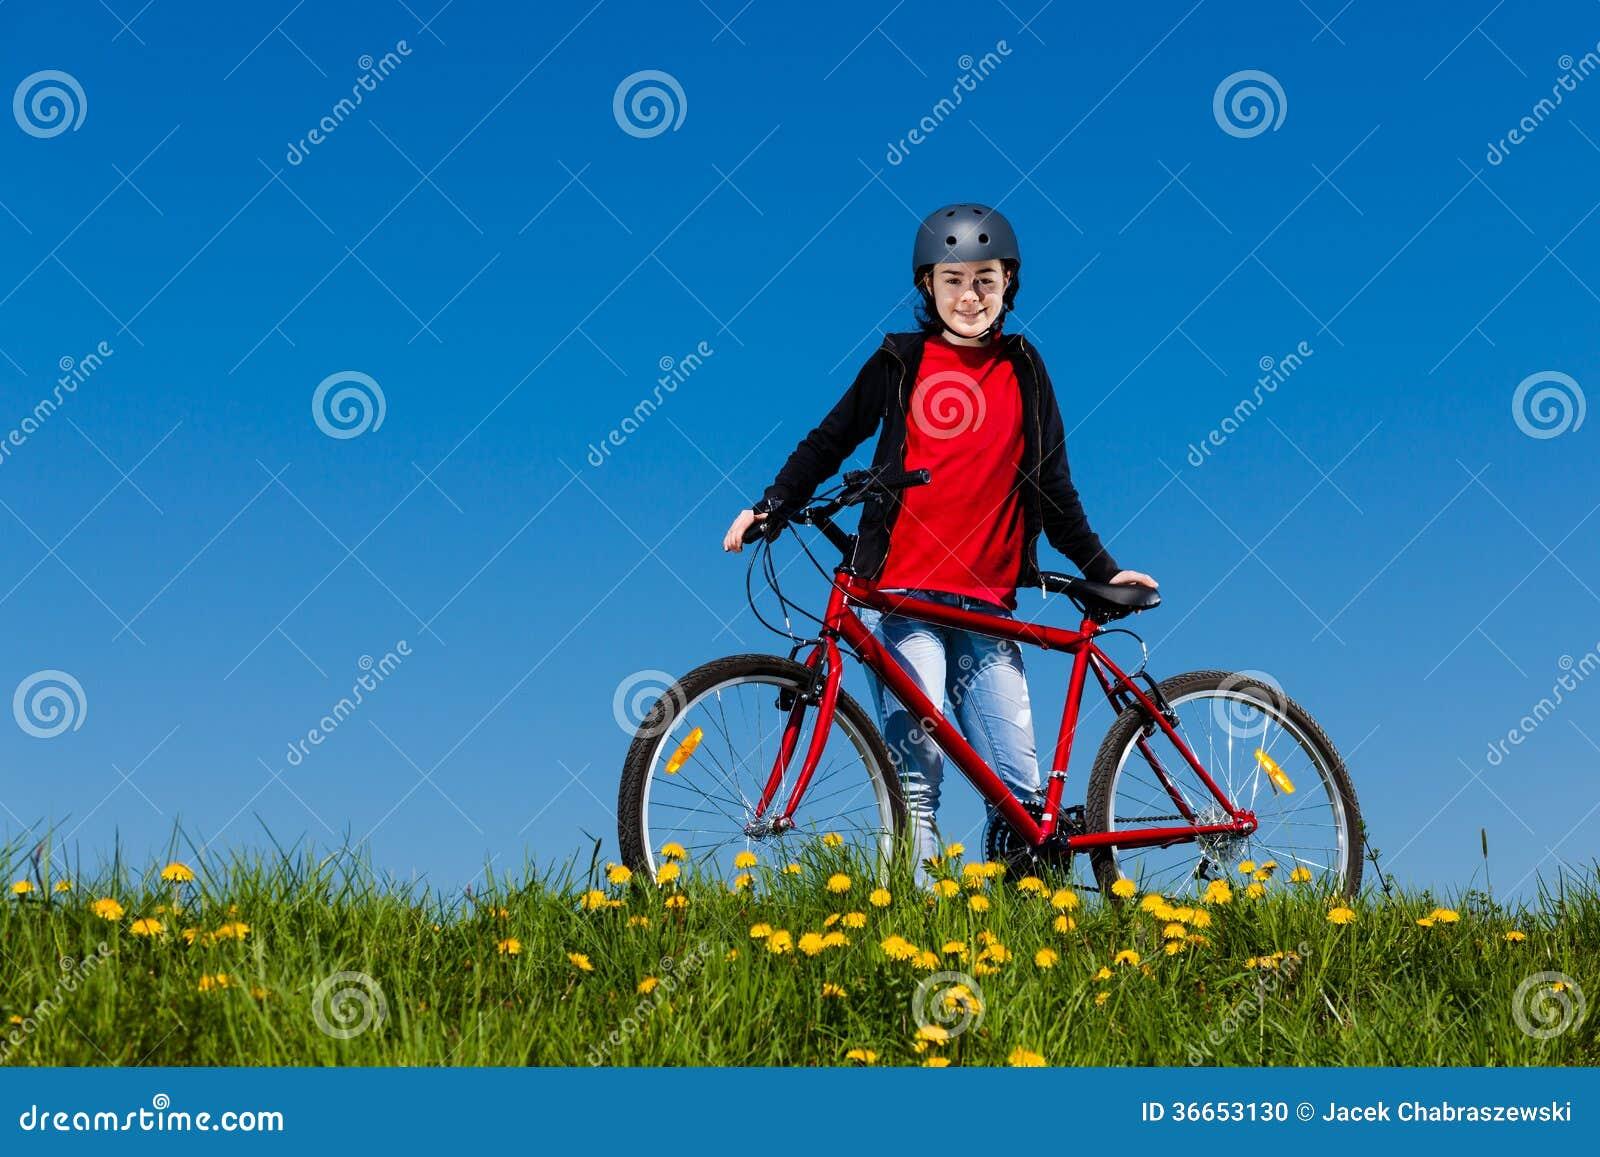 几岁_健康生活方式-十几岁的女孩骑自行车.